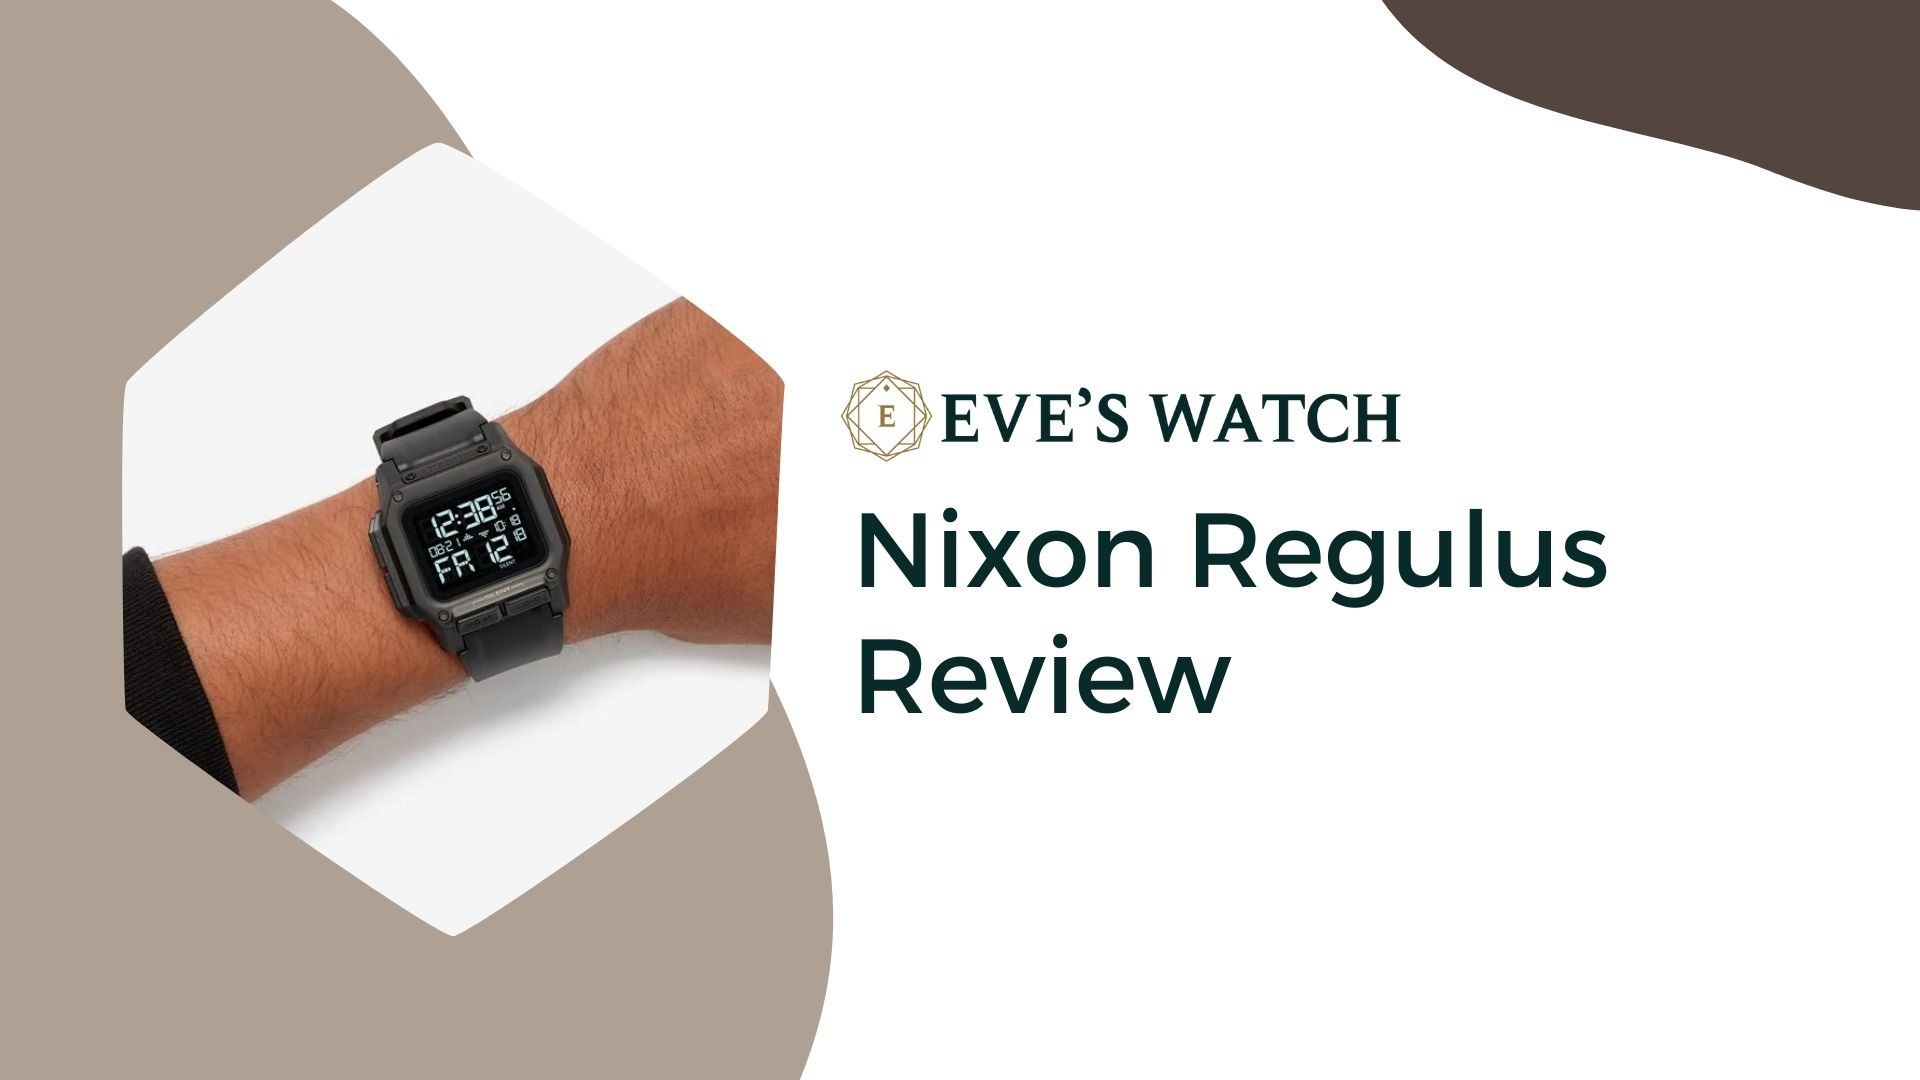 Nixon Regulus Review